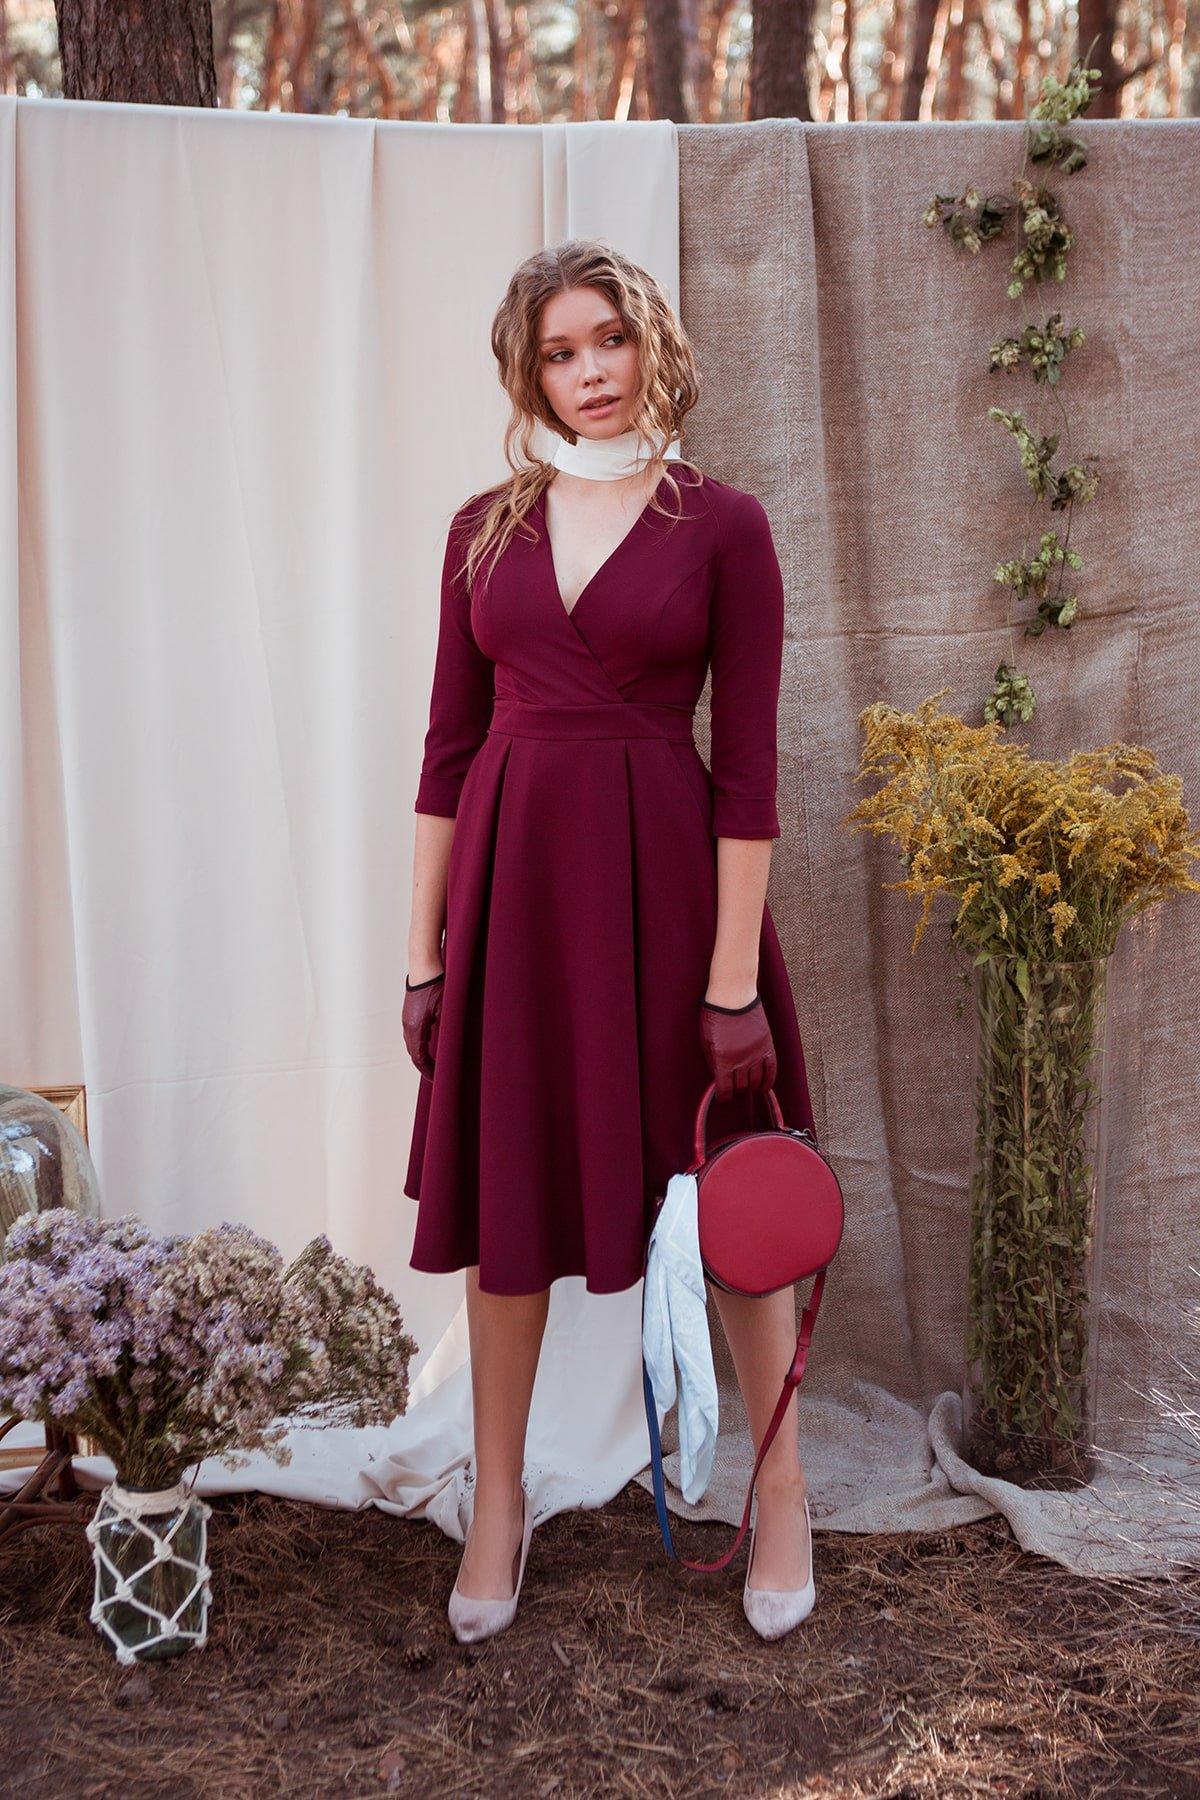 Платье с юбкой-солнце Аризона 7849 АРТ. 43843 Цвет: Винный - фото 2, интернет магазин tm-modus.ru